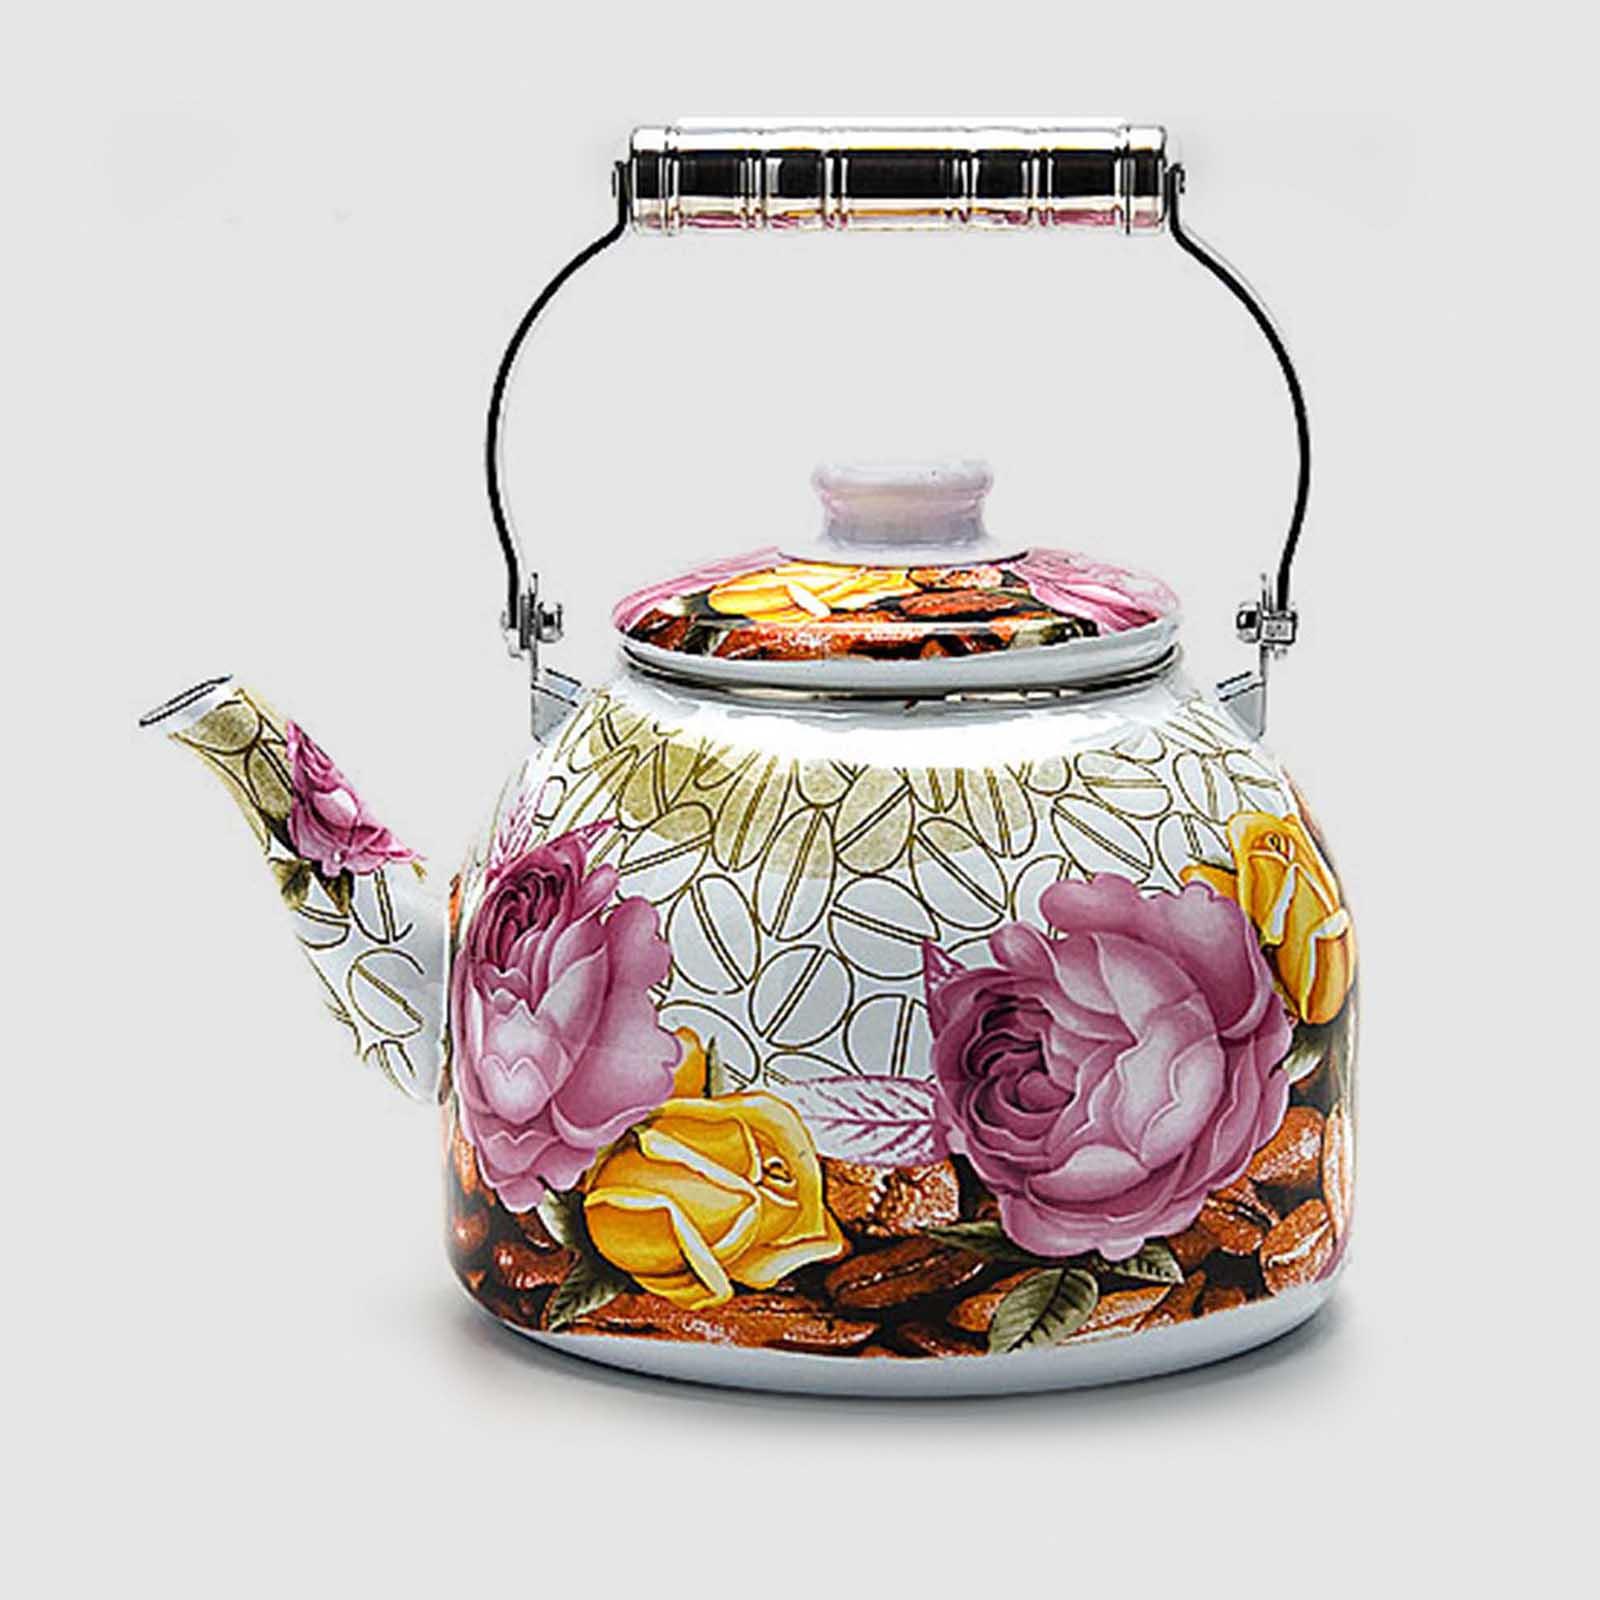 Эмалированный чайник 5 литров